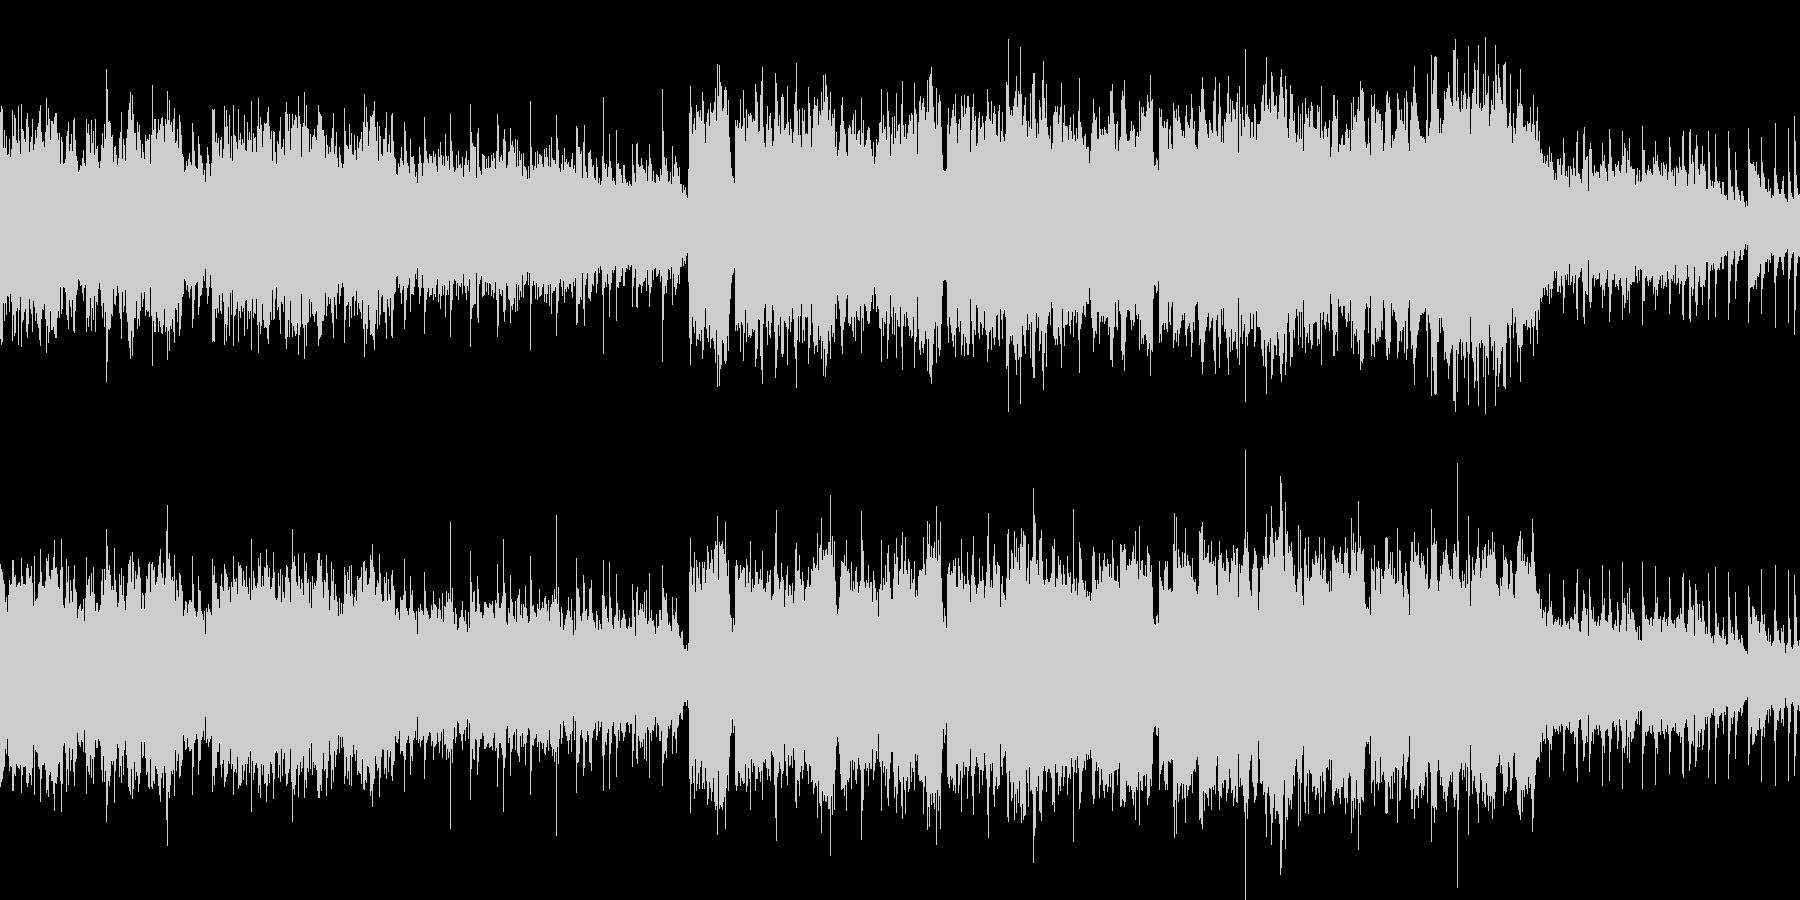 感動のファンタジー系ループ曲の未再生の波形